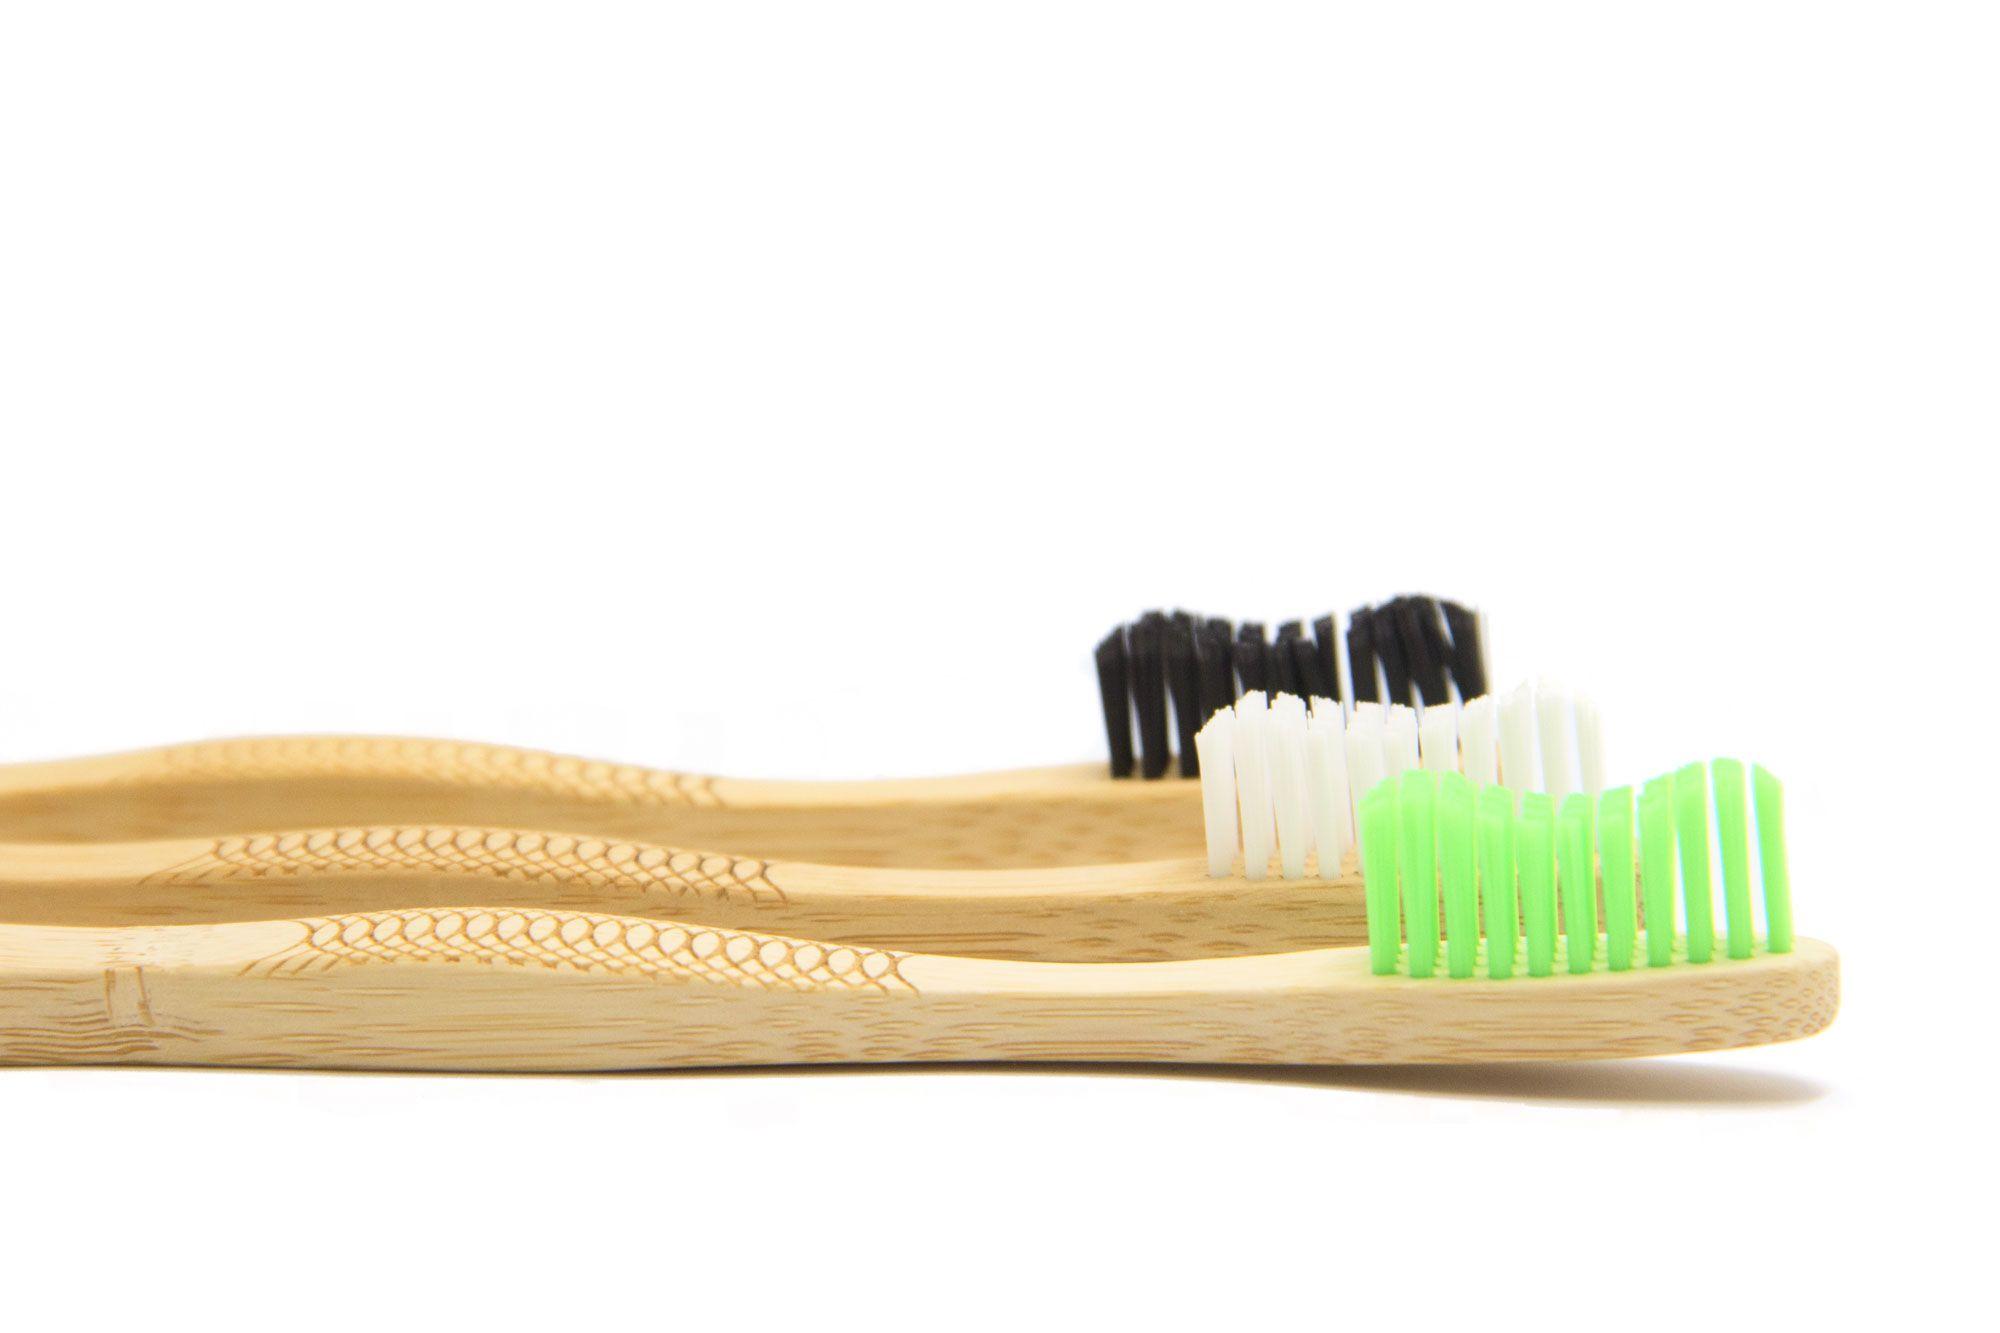 Pack Brushboo 3 Cepillosdebambu Cepillado Dental Dental Cepillo